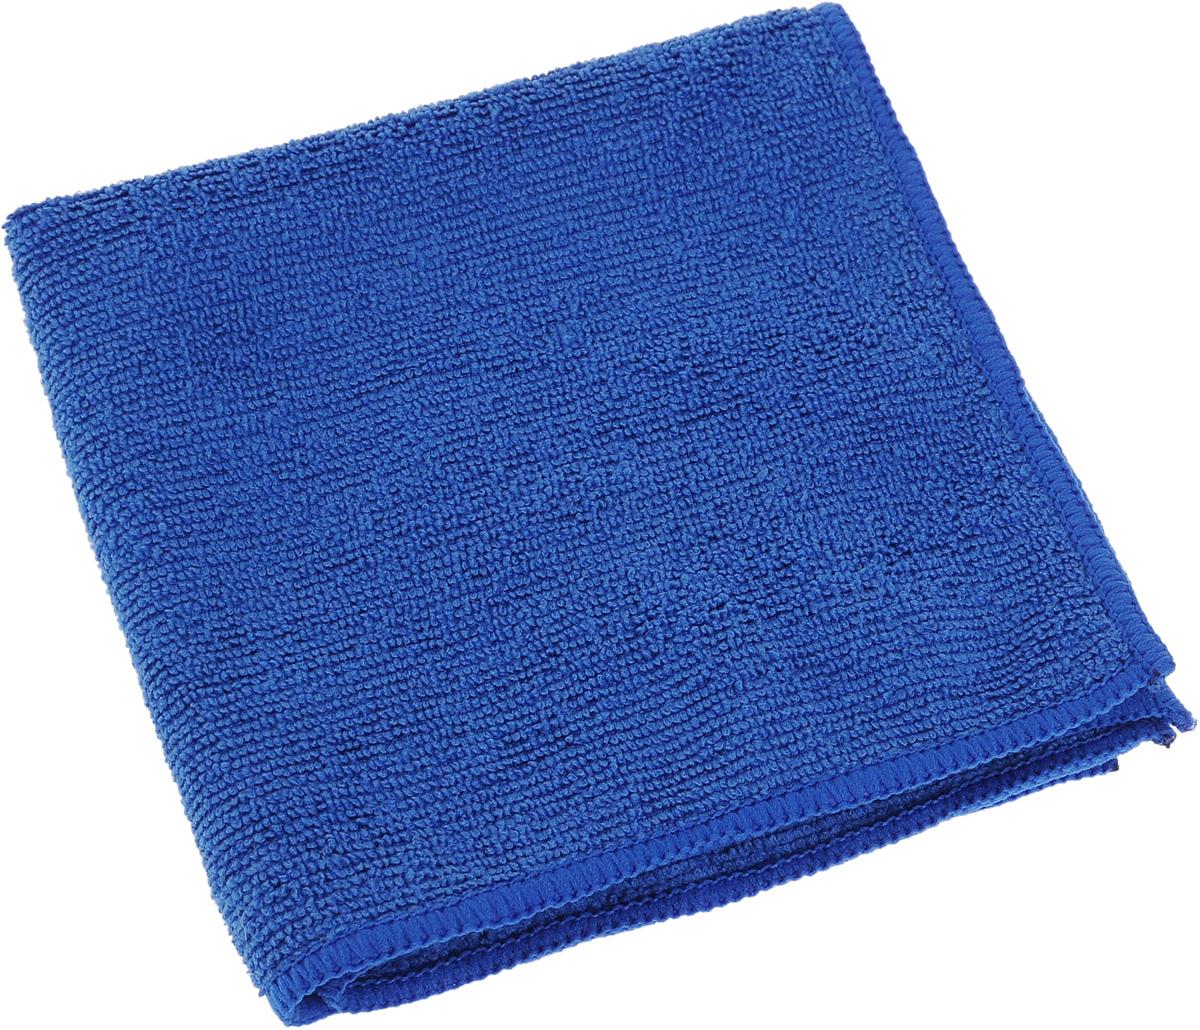 Салфетка для кухни Soavita, цвет: синий, 30 х 30 см63845Салфетка Soavita выполнена из микрофайбера (80% полиэстер и 20% полиамид). Изделие отлично впитывает влагу, быстро сохнет, сохраняет яркость цвета и не теряет форму даже после многократных стирок. Салфетка подходит для вытирания легких загрязнений и полировки. Протертая поверхность становится идеально чистой, сухой и блестящей. Такая салфетка очень практична и неприхотлива в уходе. Рекомендуется стирка при температуре 40°C.